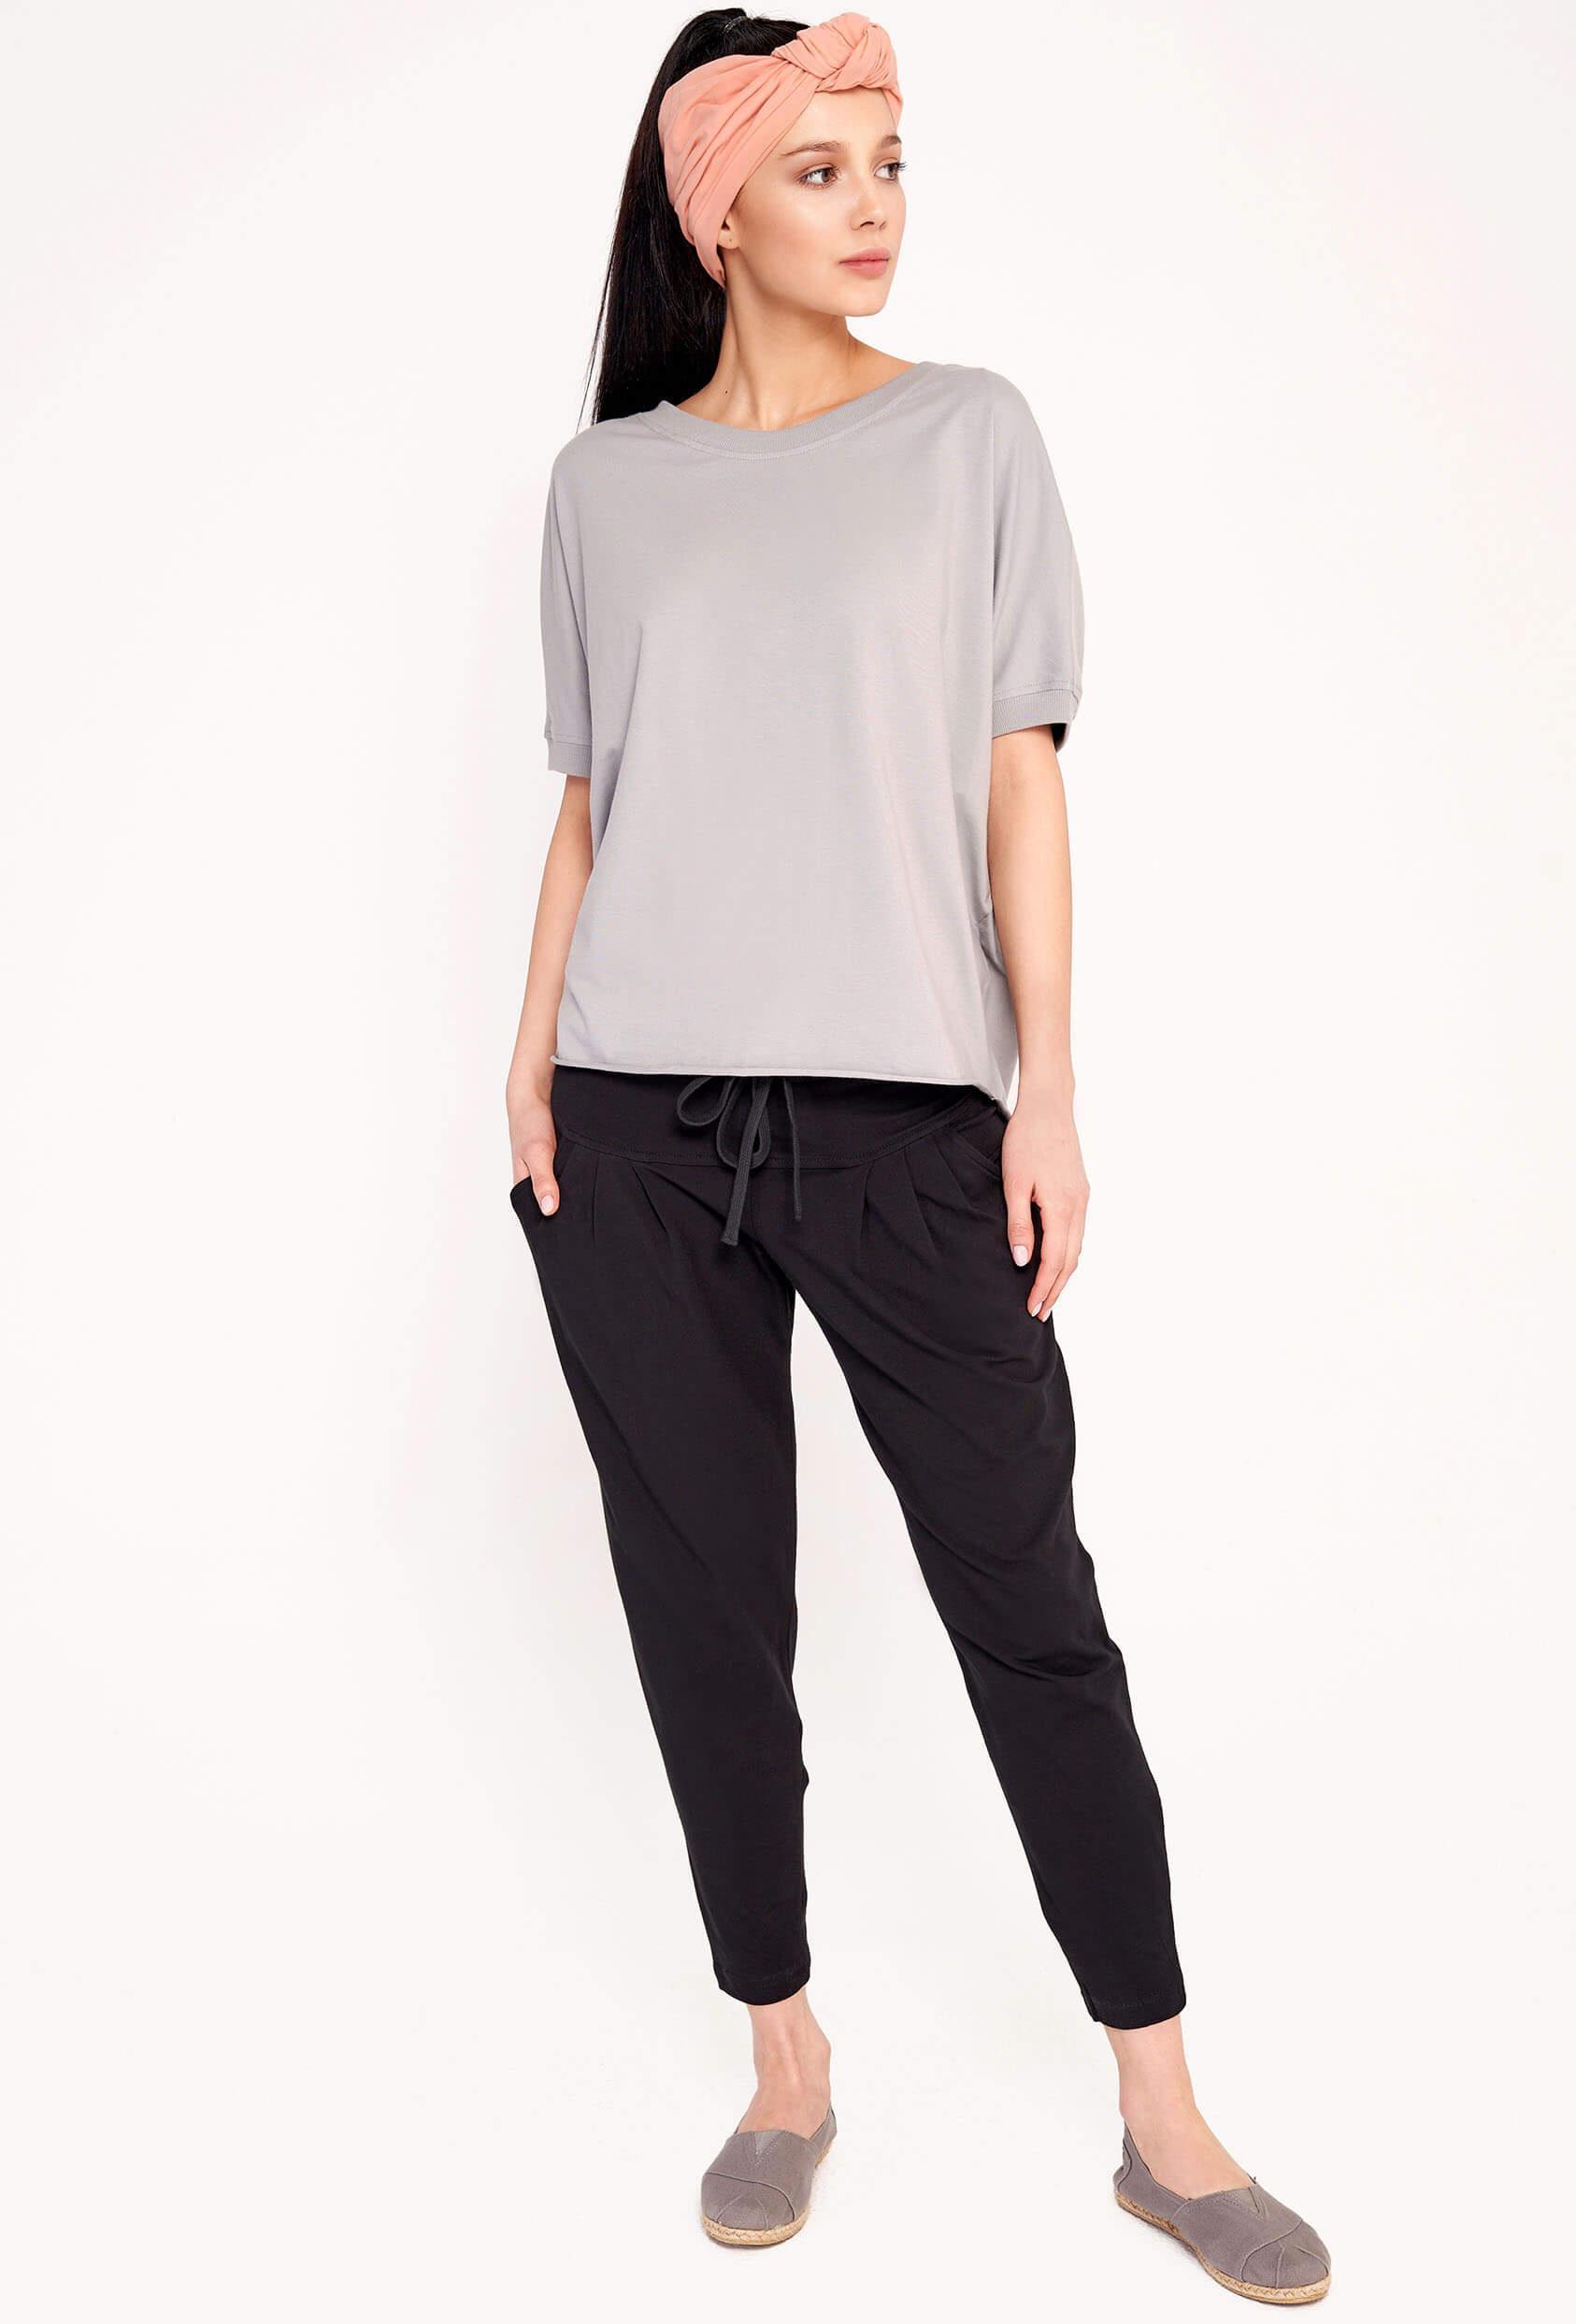 Spodnie bawełniane AVALYN PANTS czarne